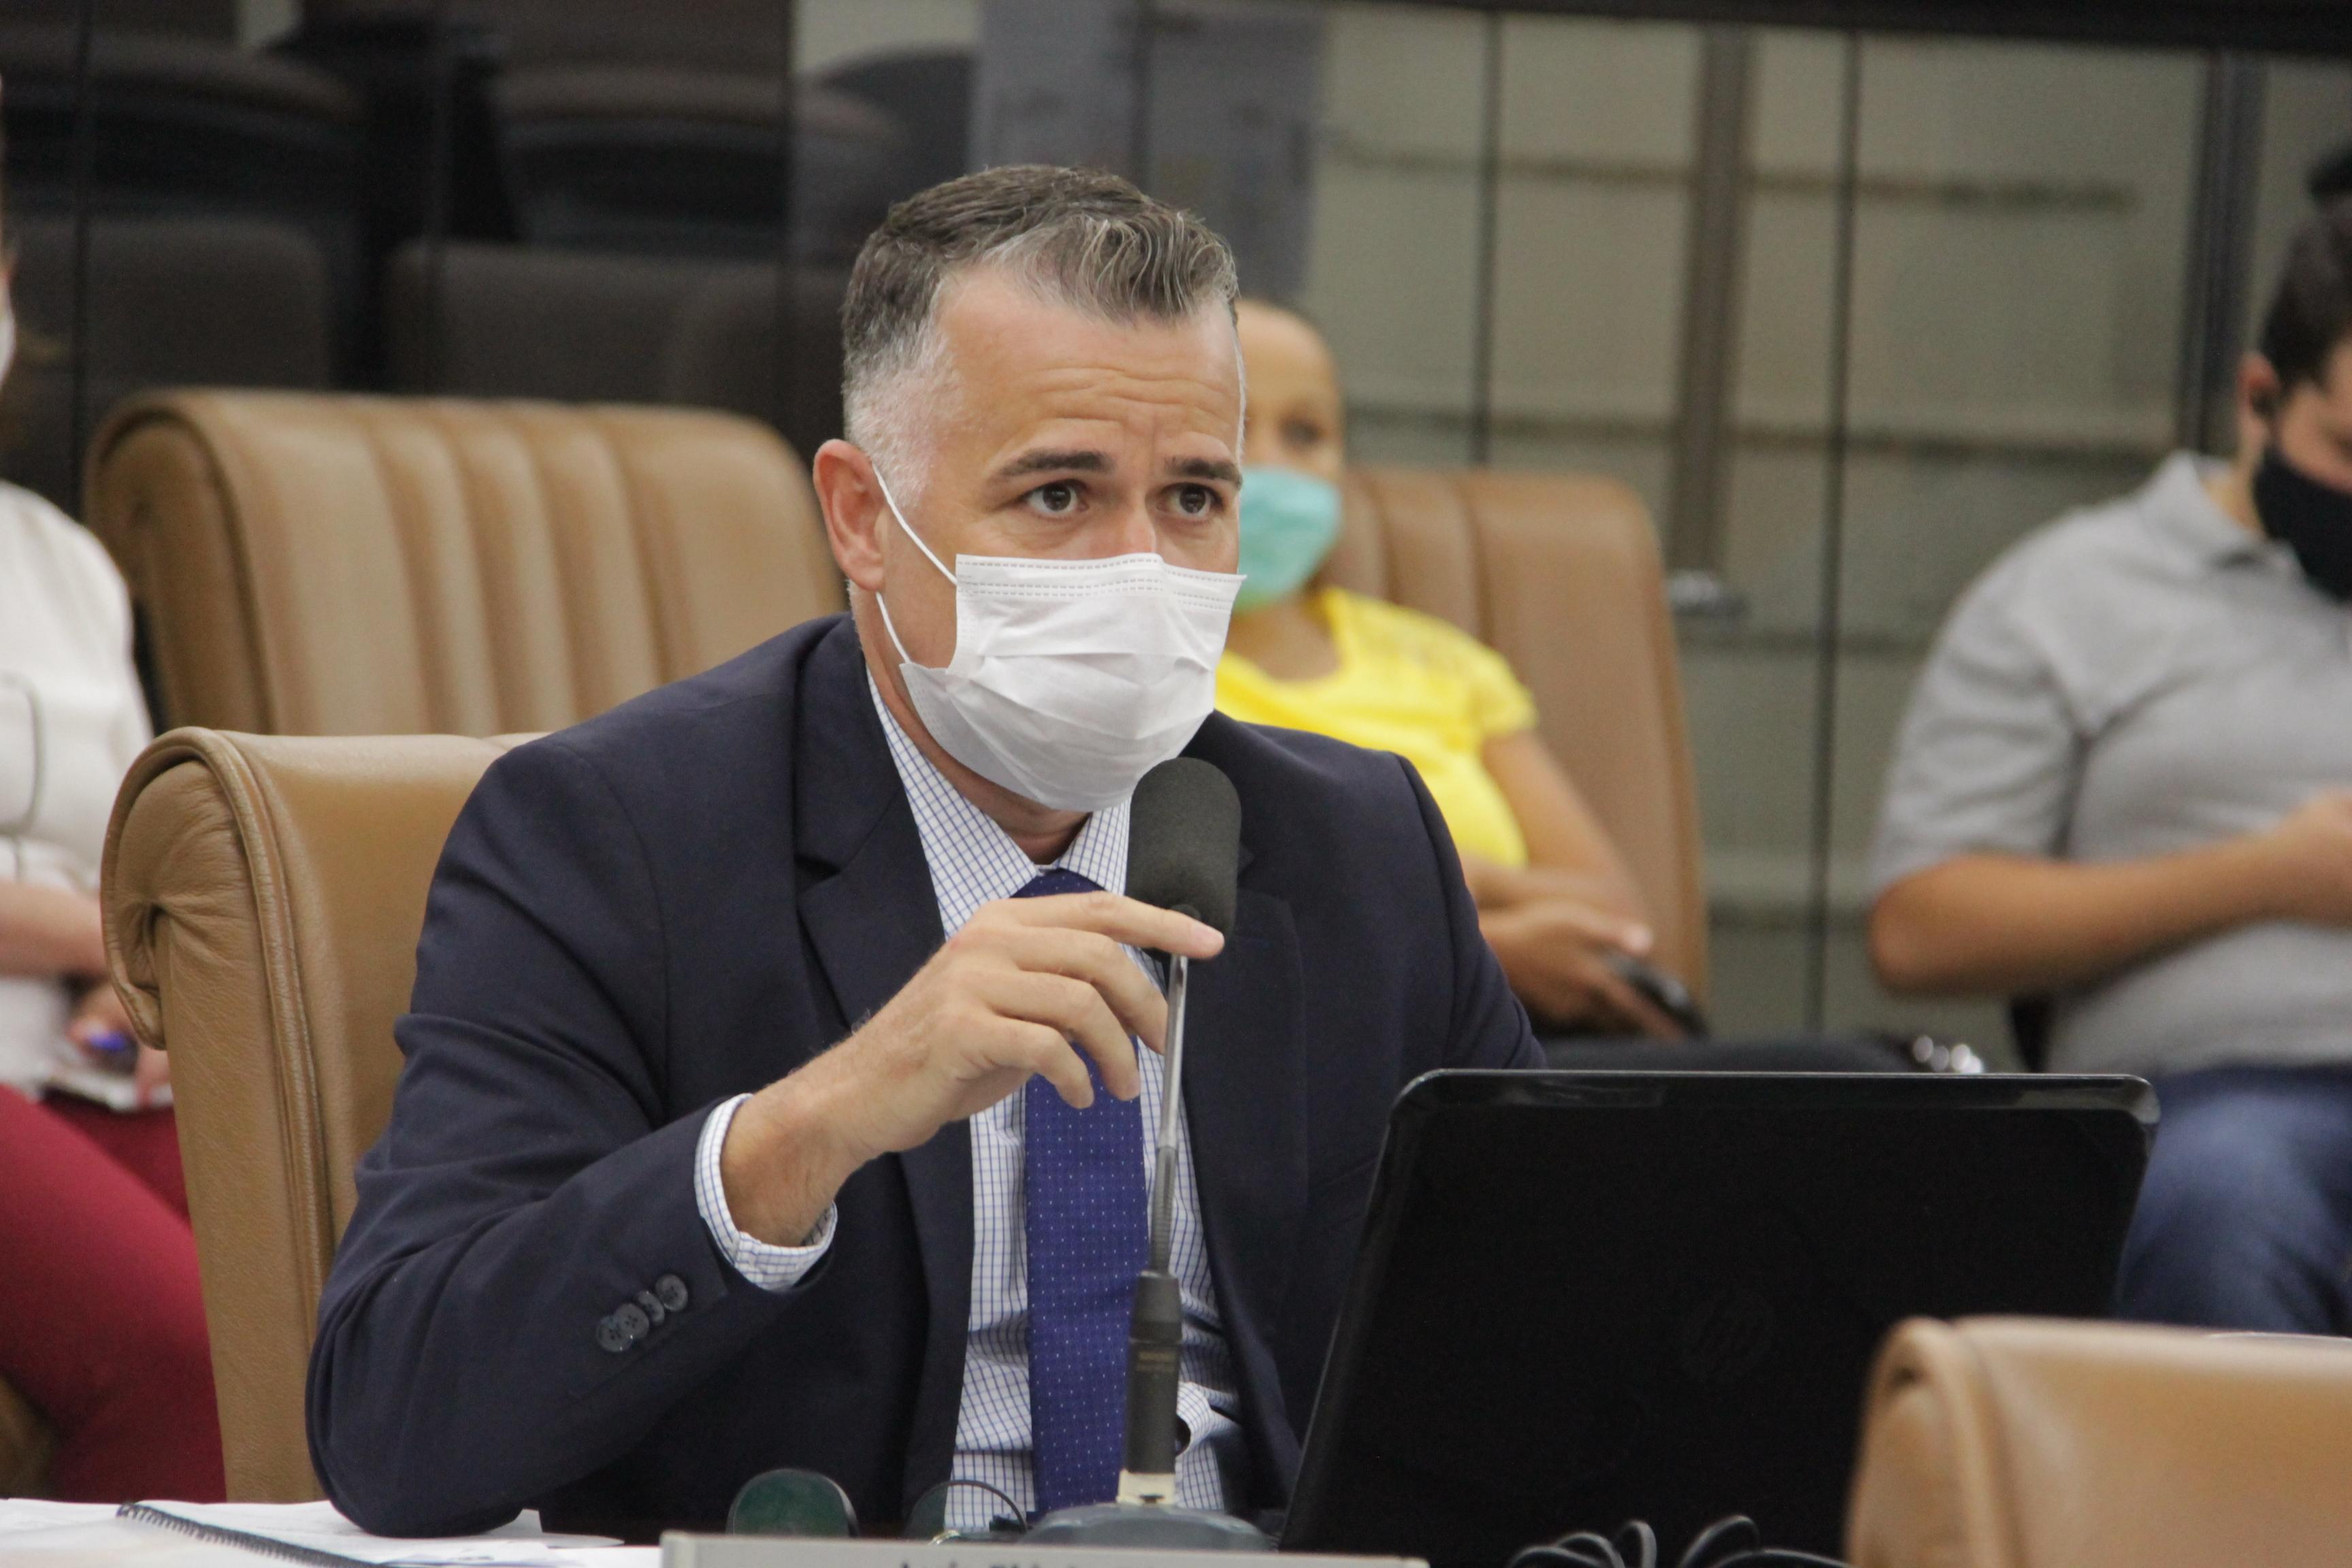 Vereador questiona suposto não atendimento em reclamações feitas pelo Conecta Jacareí